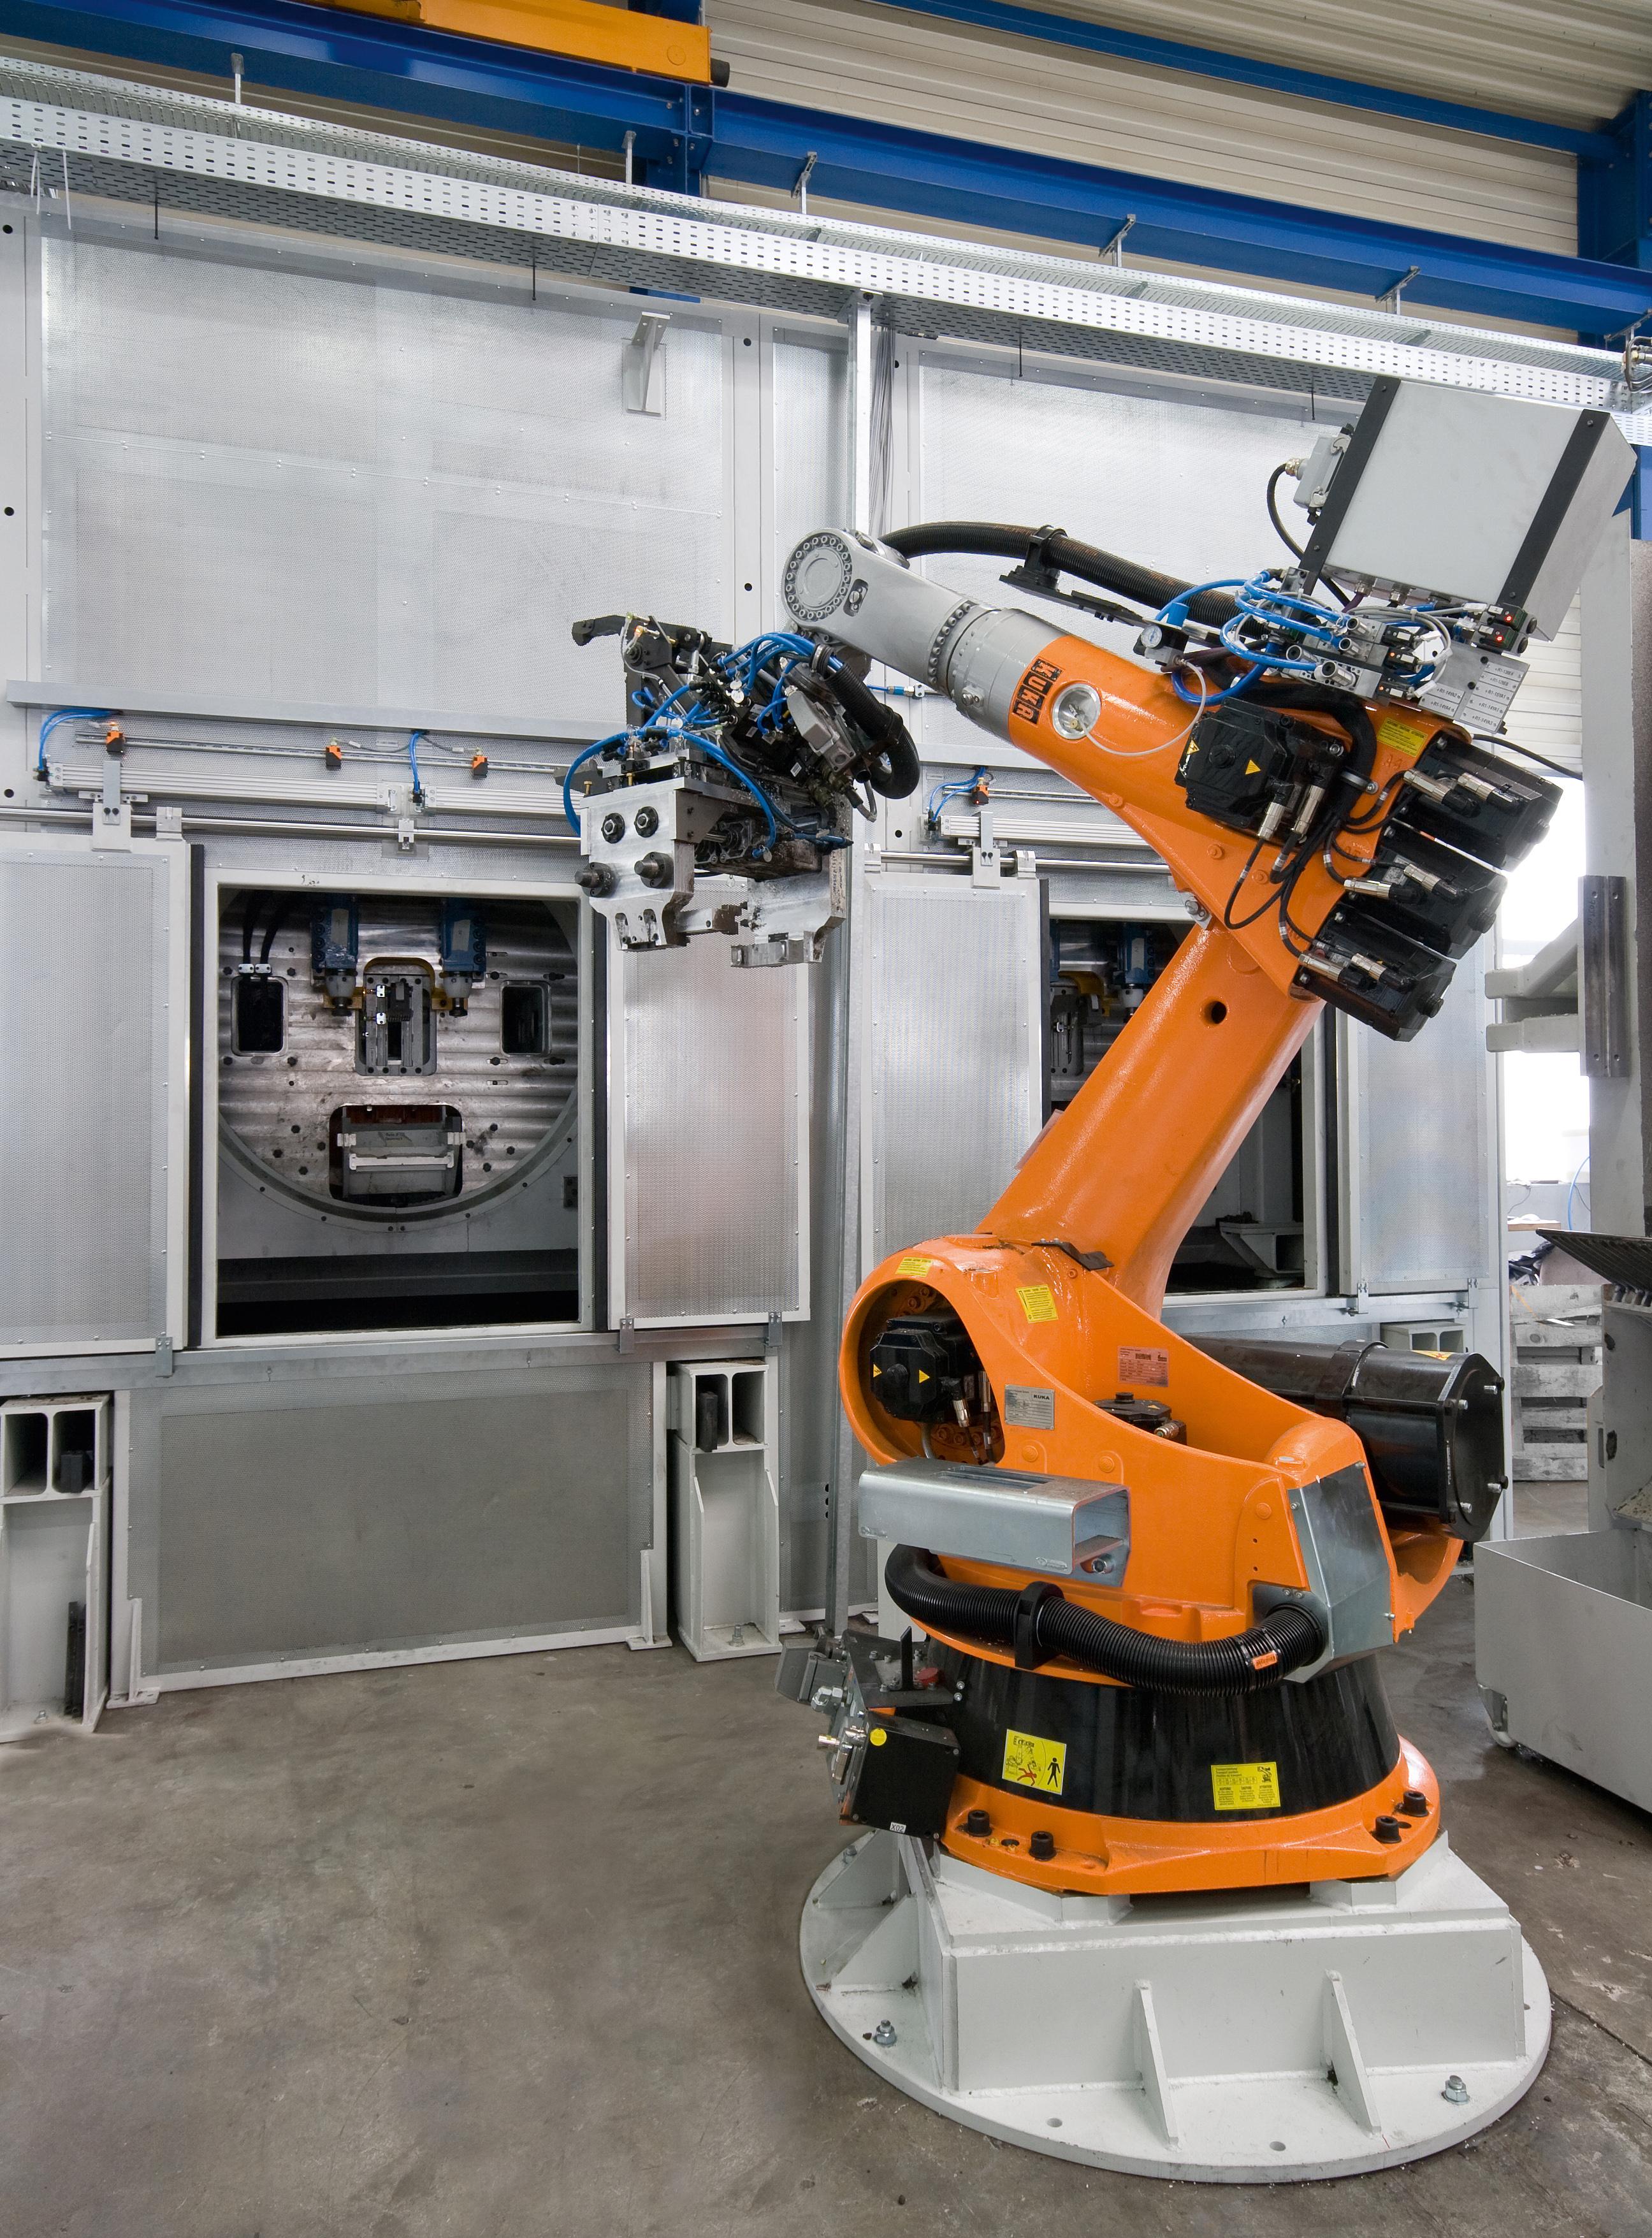 Bild 4: Entnahmeroboter an einer Entkernanlage (August Mössner GmbH + Co. KG)